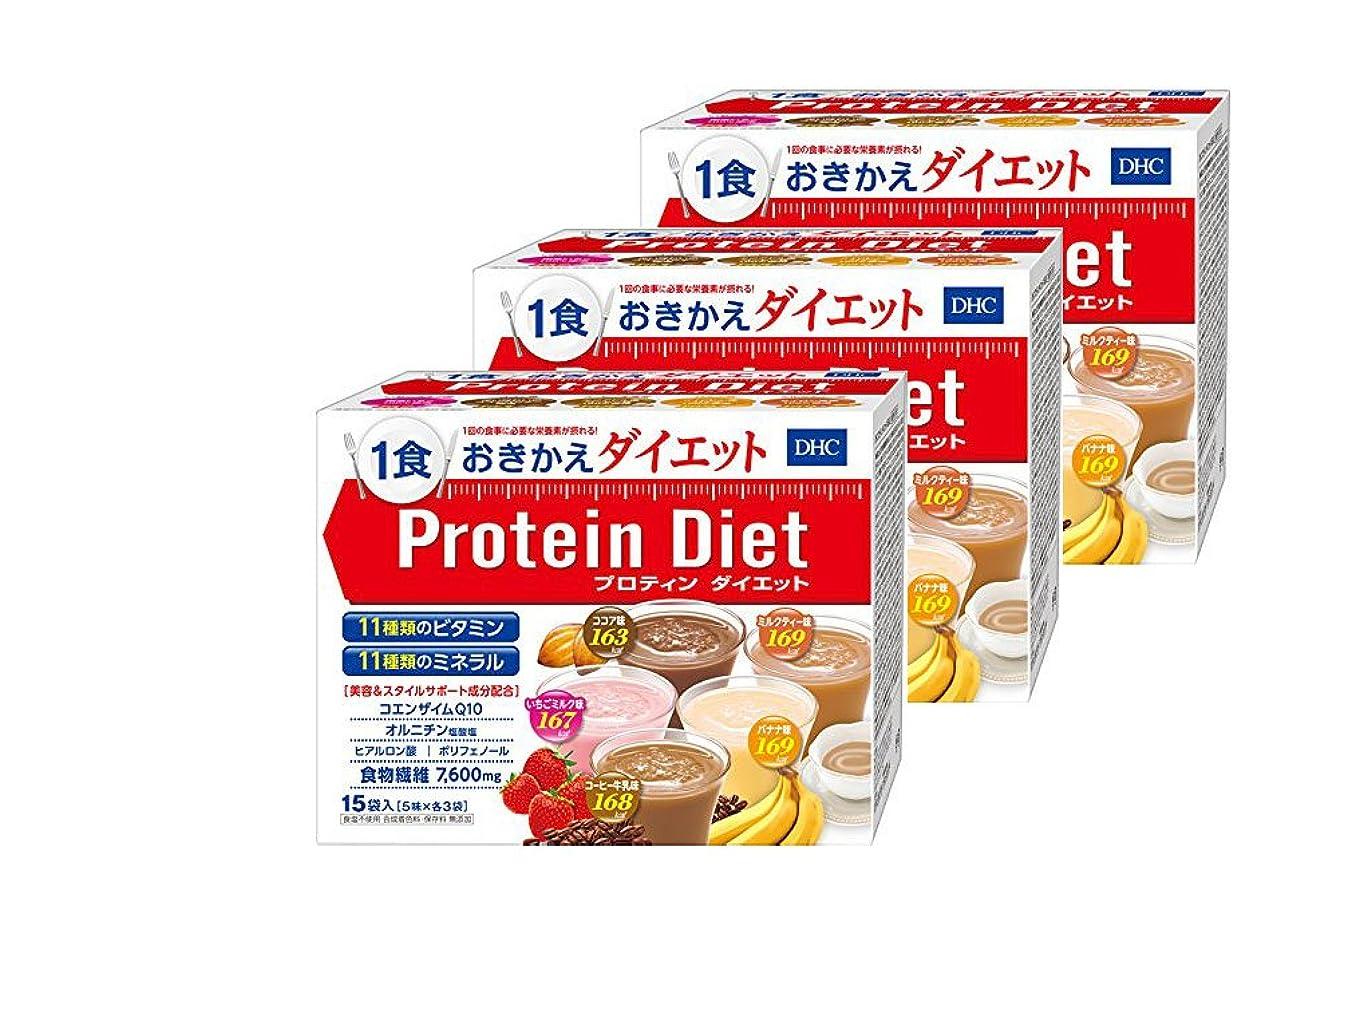 置き場リファイン時計DHC プロティンダイエット 1箱15袋入 3箱セット 1食169kcal以下&栄養バッチリ! リニューアル